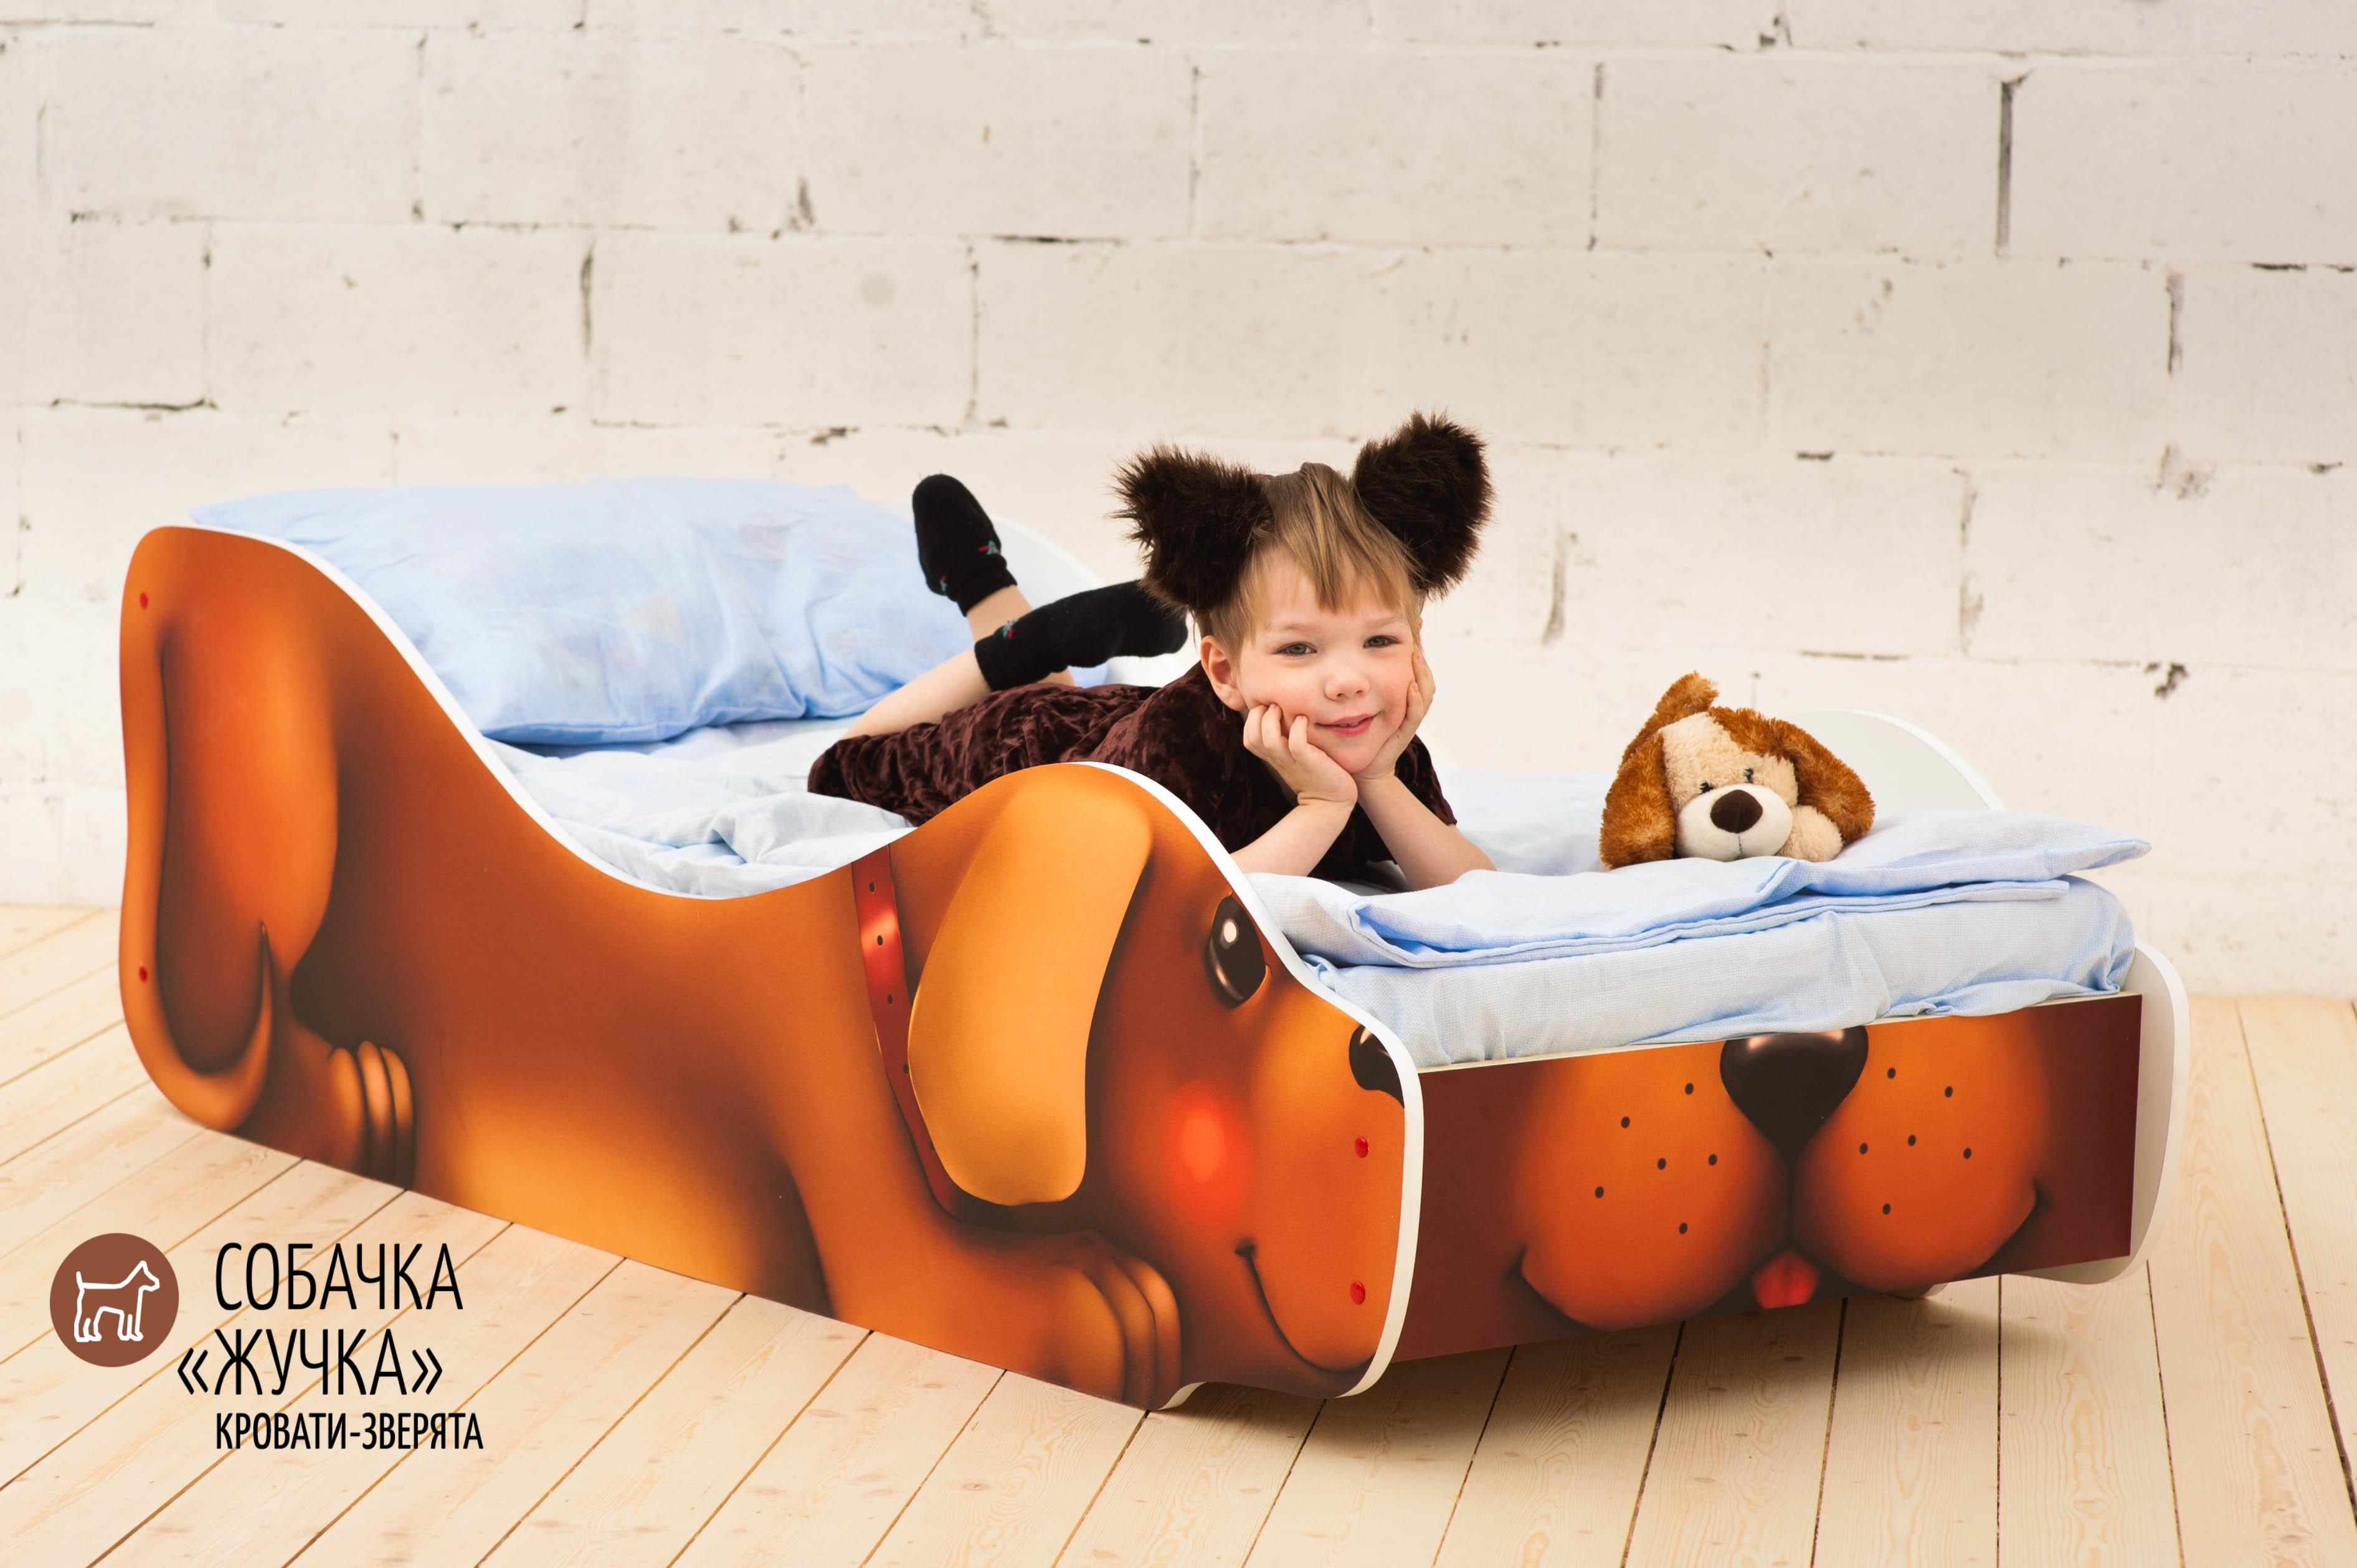 Детская кровать-зверенок -Собачка-Жучка-17